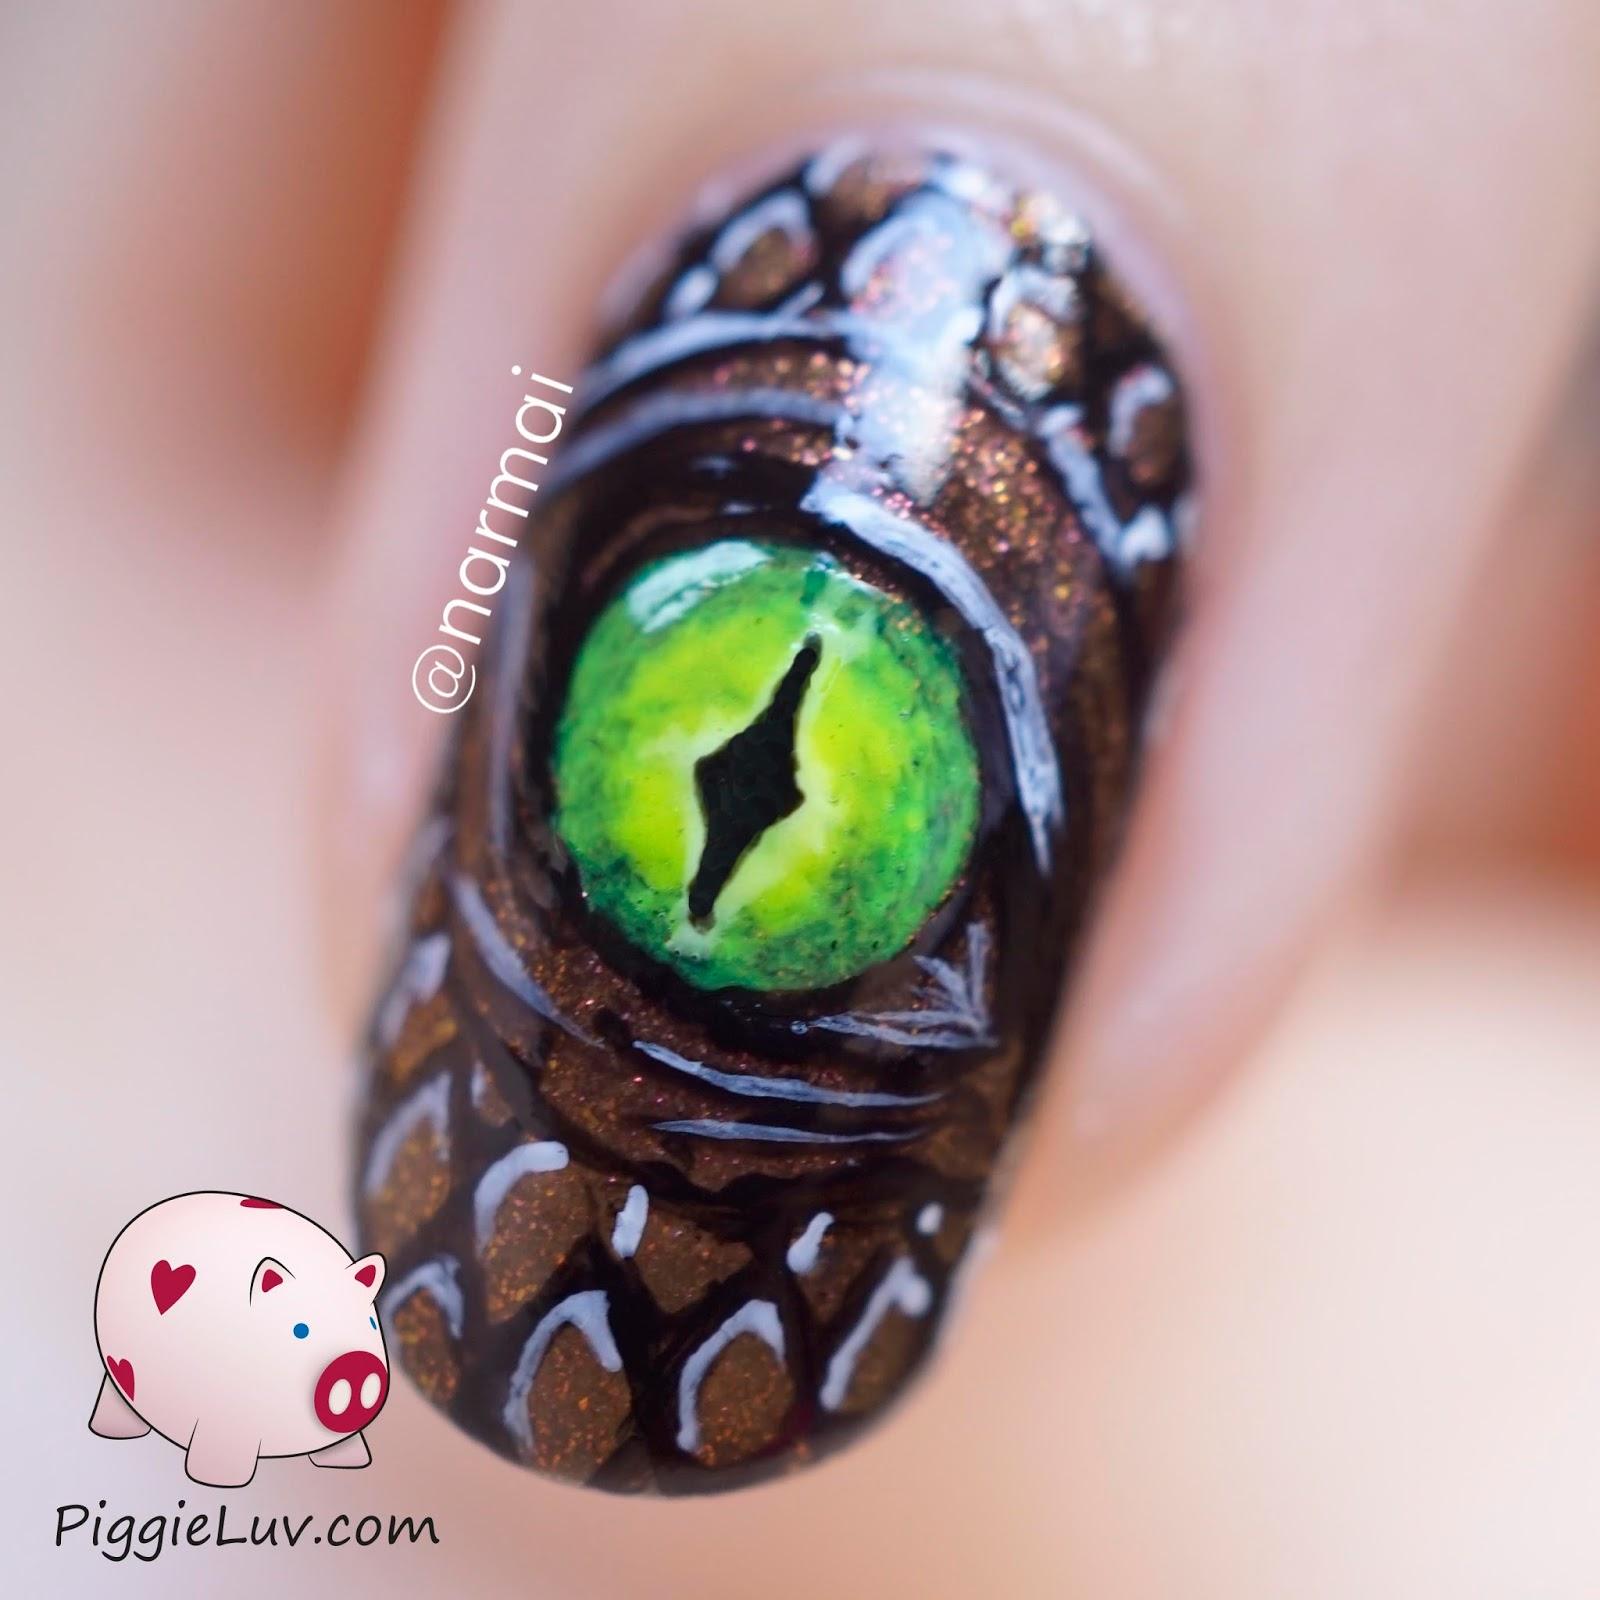 PiggieLuv: Glowmeleon dragon eye nail art